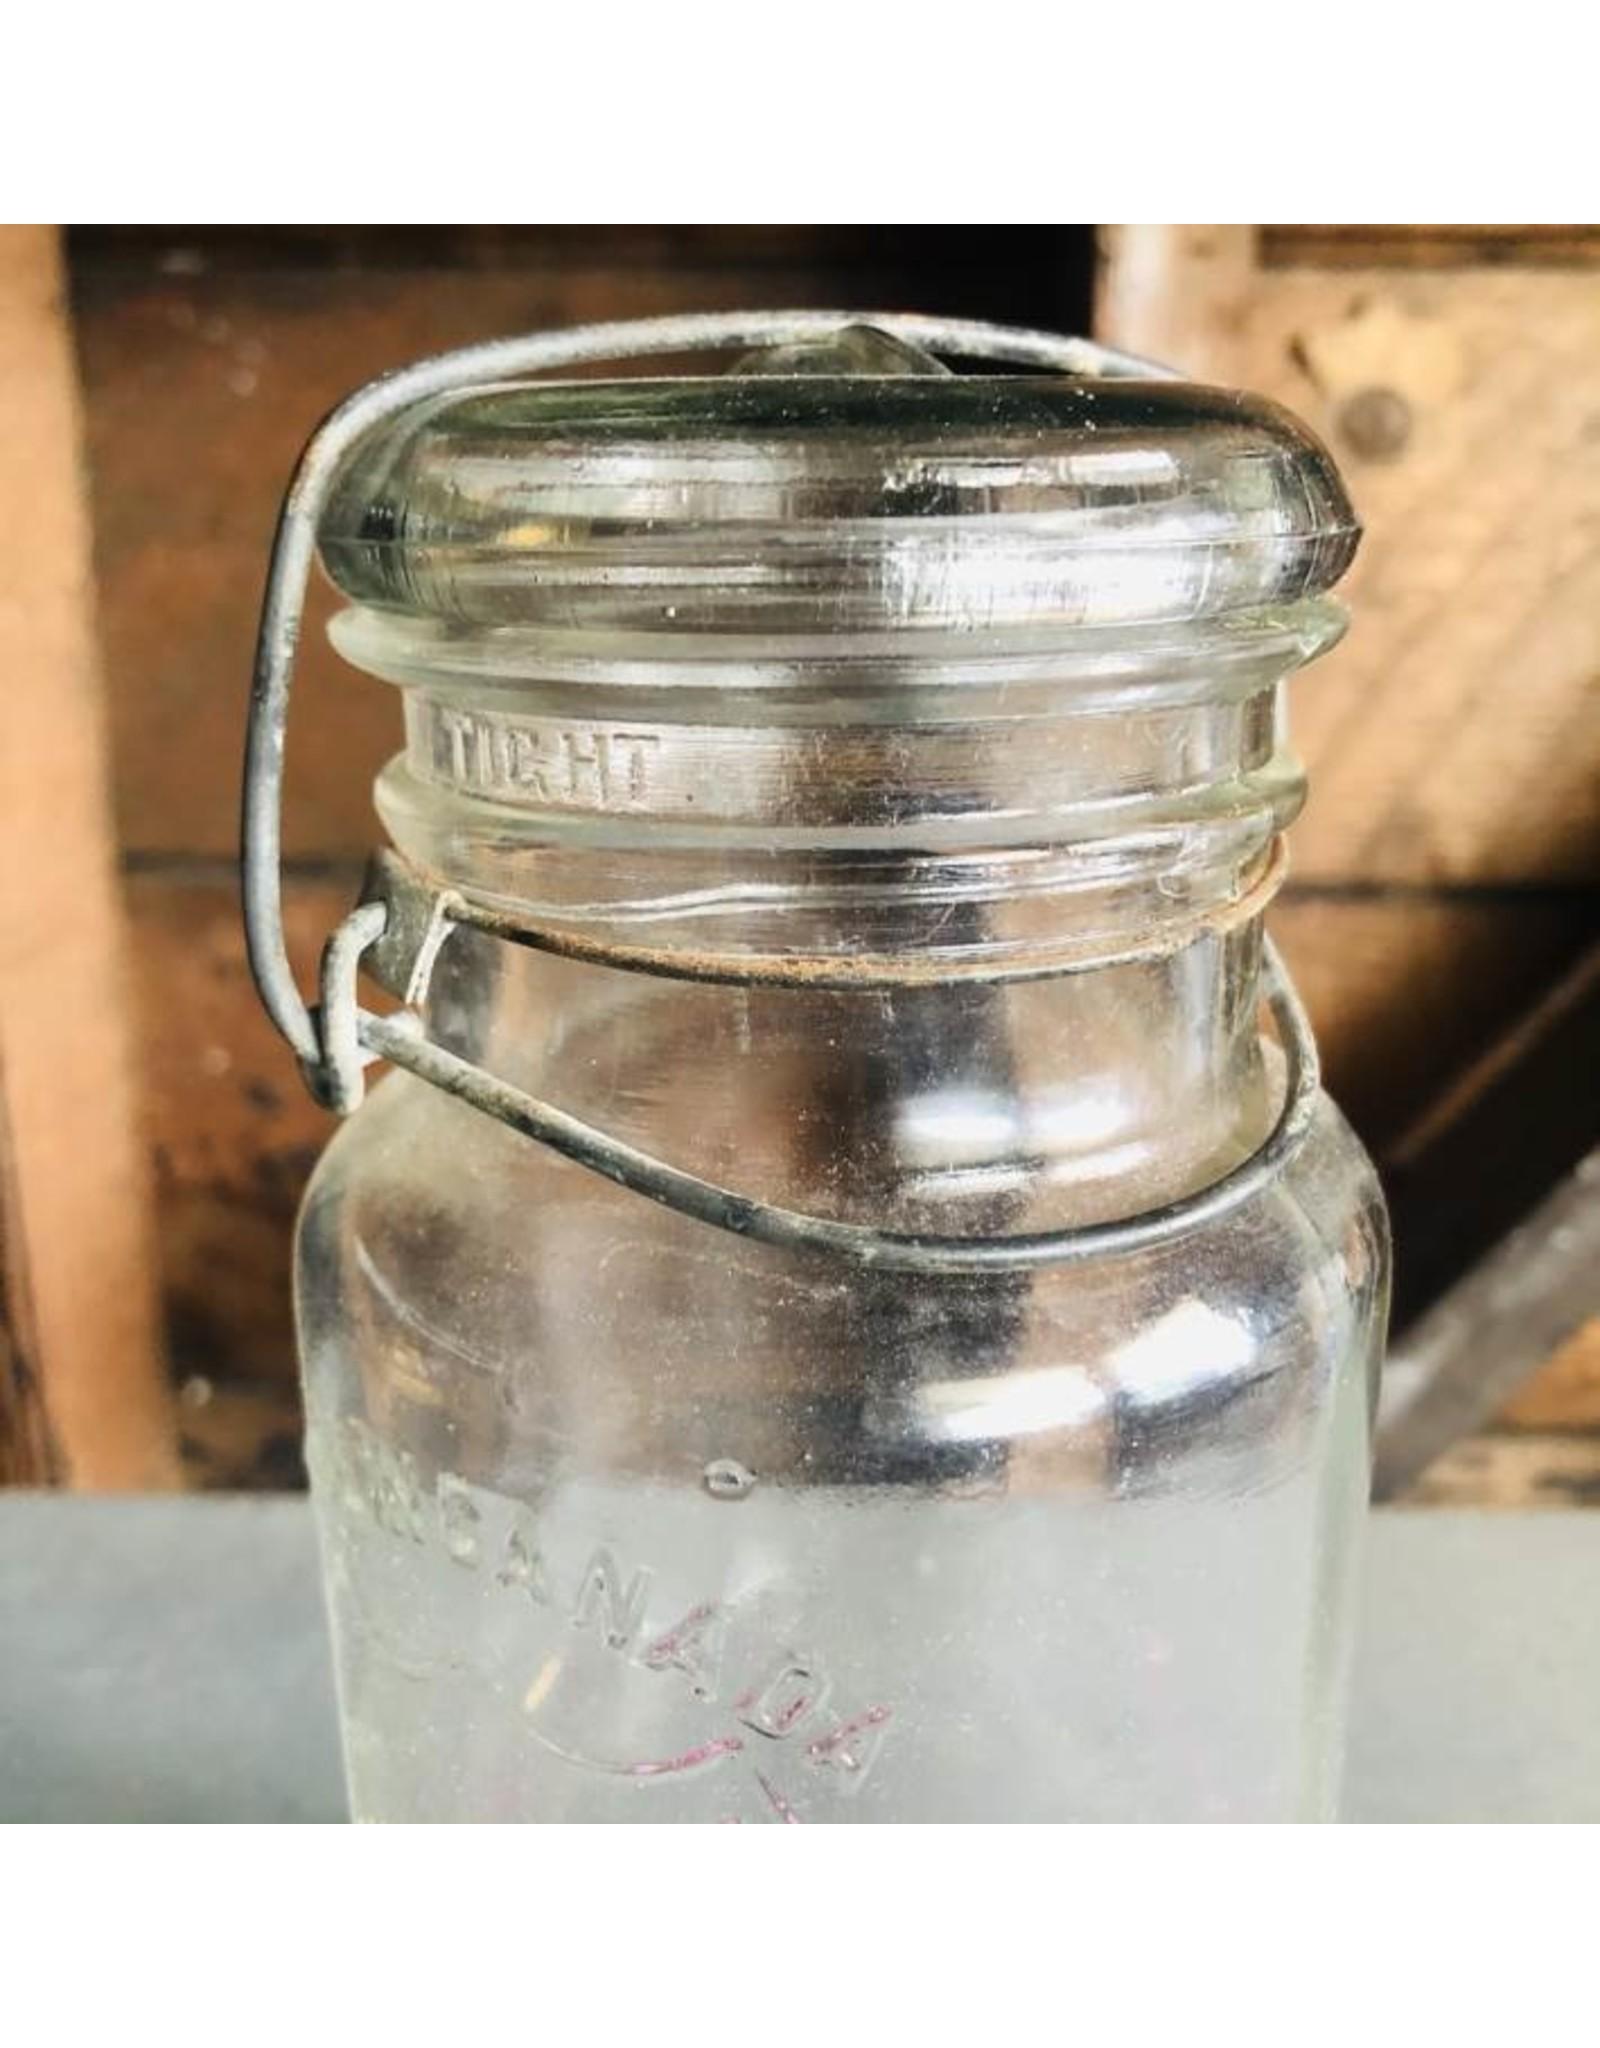 Perfect seal jar